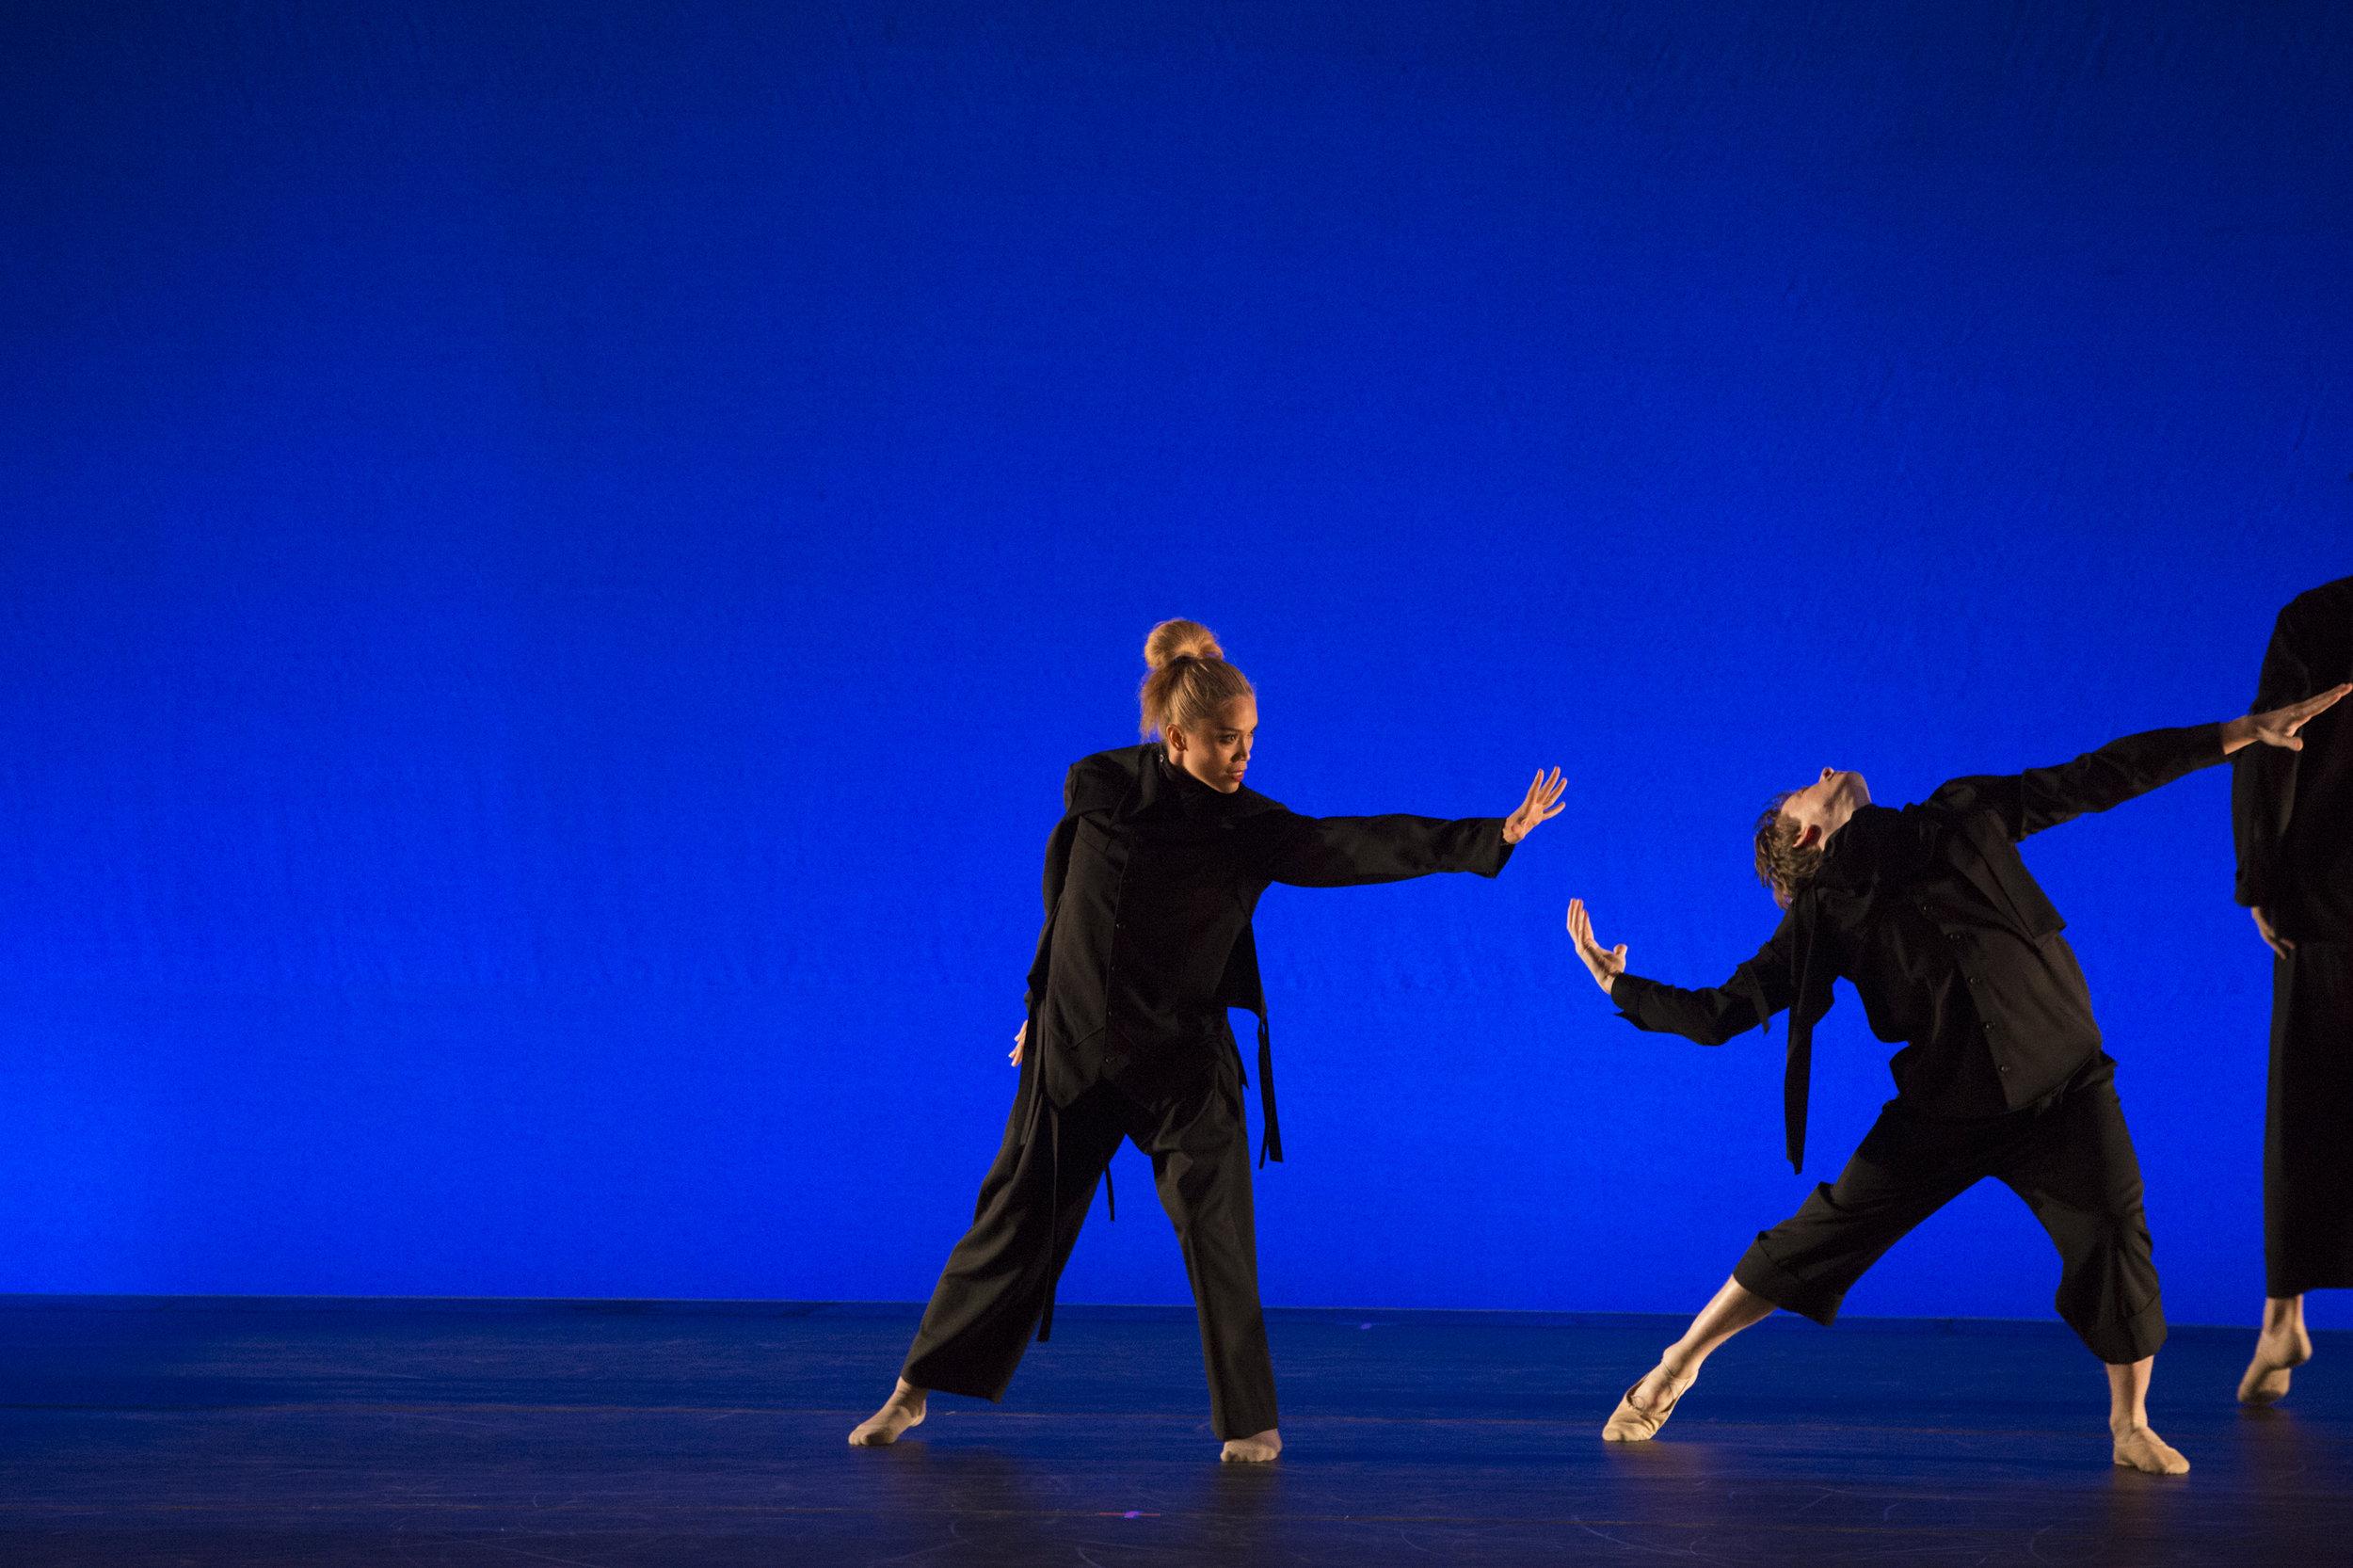 Cirio-Collective-Hudson-Valley-Dance-Festival-2017-photo by @franciscograciano-6713.jpg